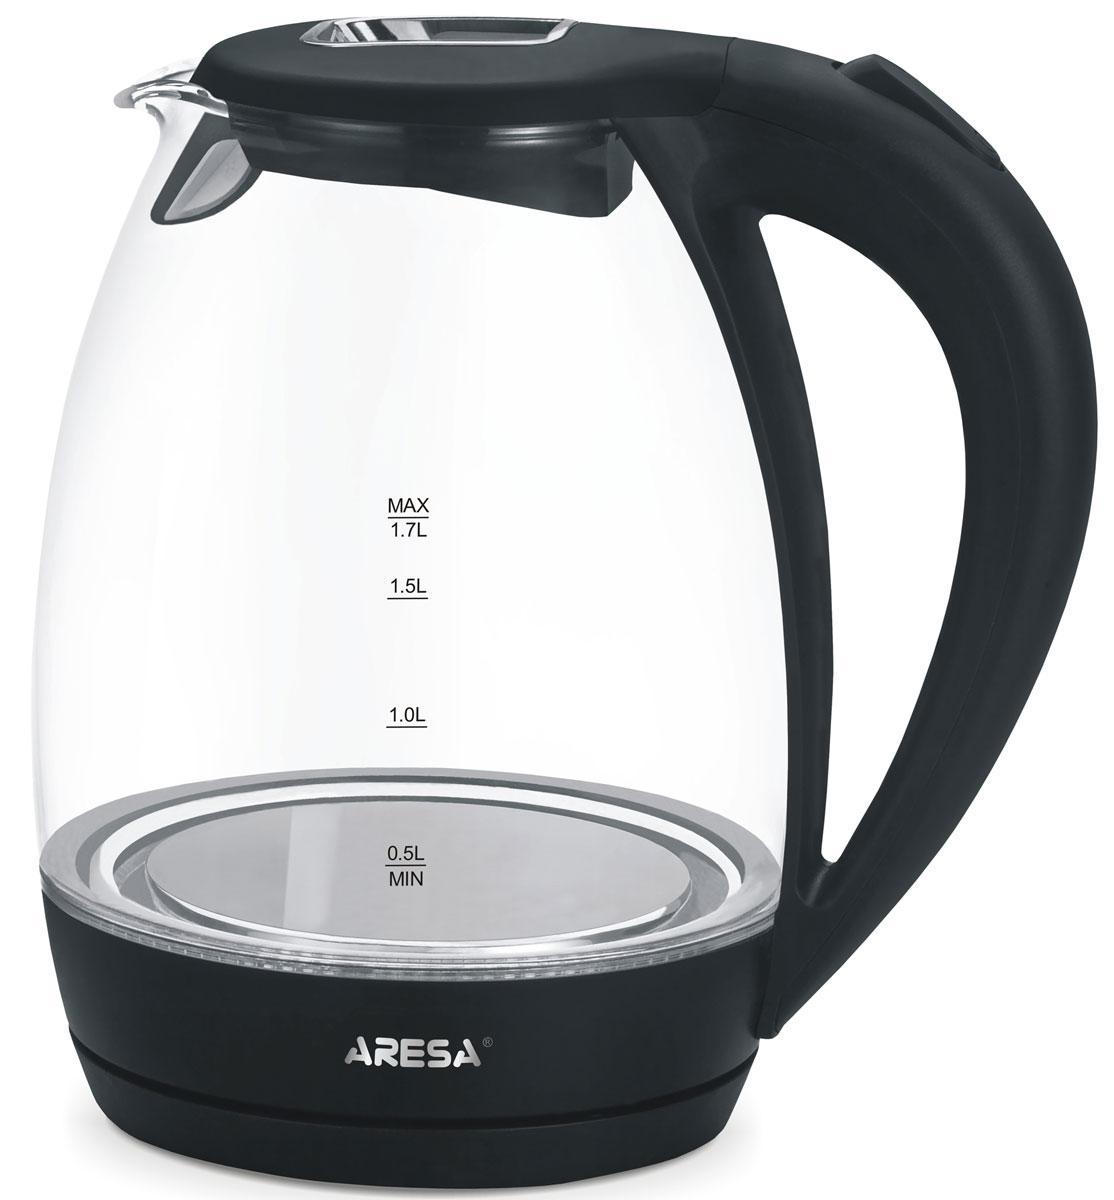 Aresa AR-3426 чайник электрическийAR-3426Электрический чайник Arsea AR-3426 мощностью 2000 Вт и объемом 1,7 литра отвечает всем современным требованиям надежности и безопасности. При его производстве используются только высококачественные и экологически безопасные материалы, а также нагревательный элемент и контроллеры высокого класса надежности. Устройство будет служить вам долгие годы, наполняя ваш быт комфортом!